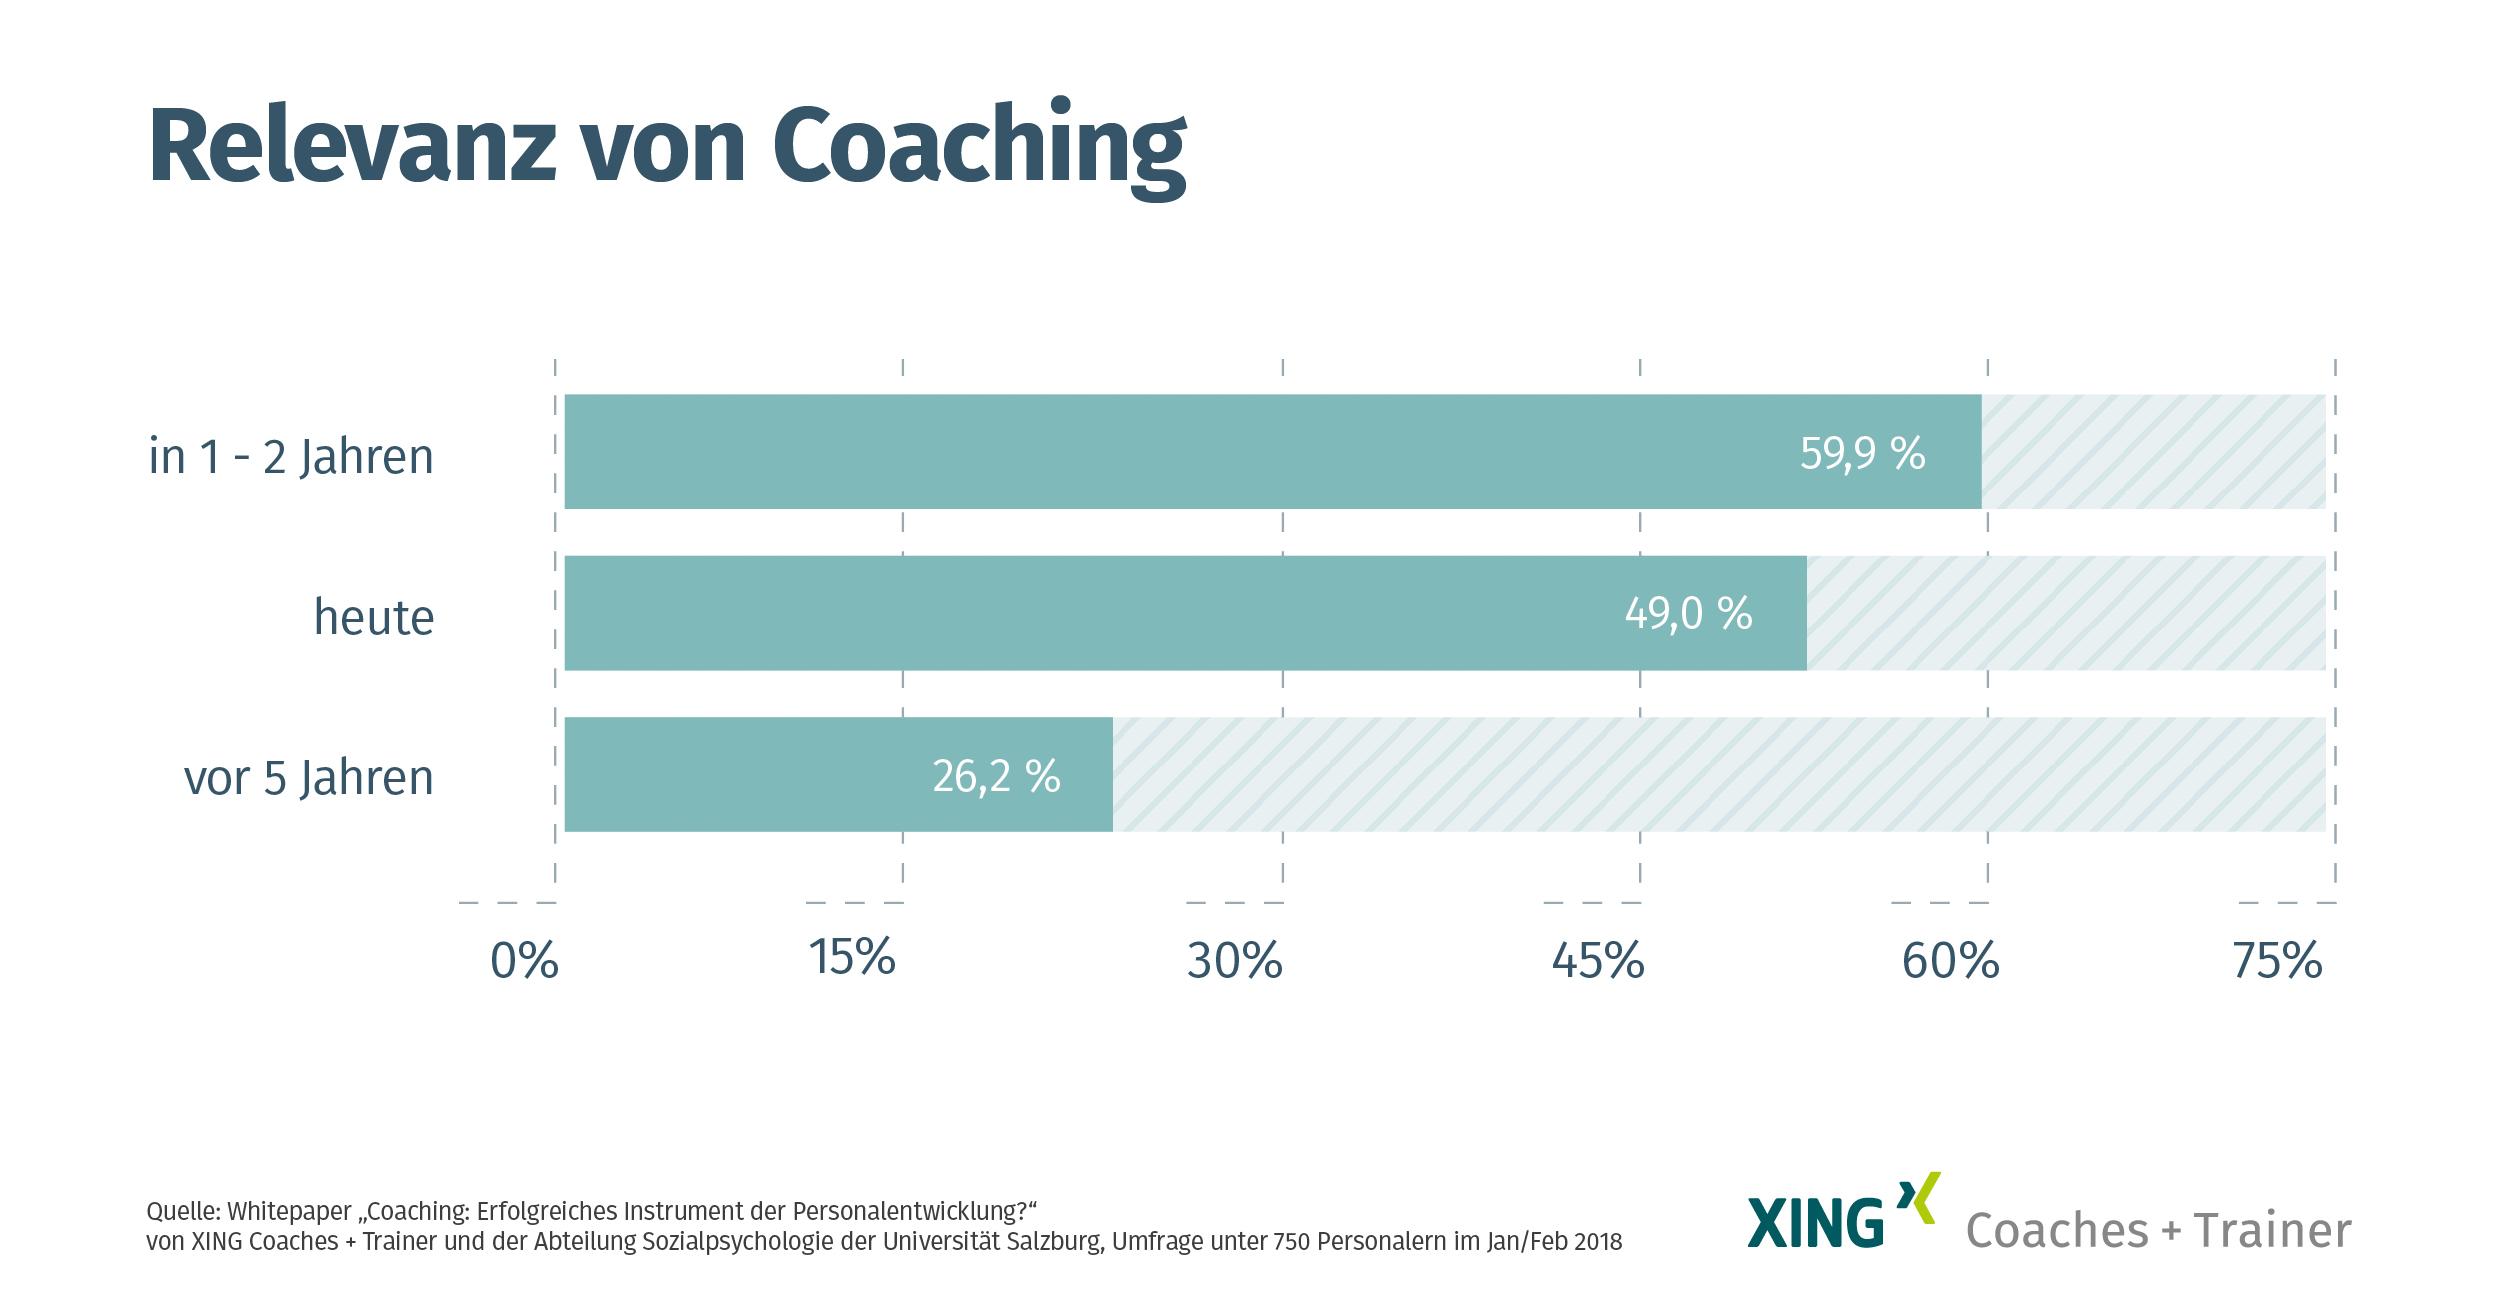 """Whitepaper """"Coaching: Erfolgreiches Instrument der Personalentwicklung\"""